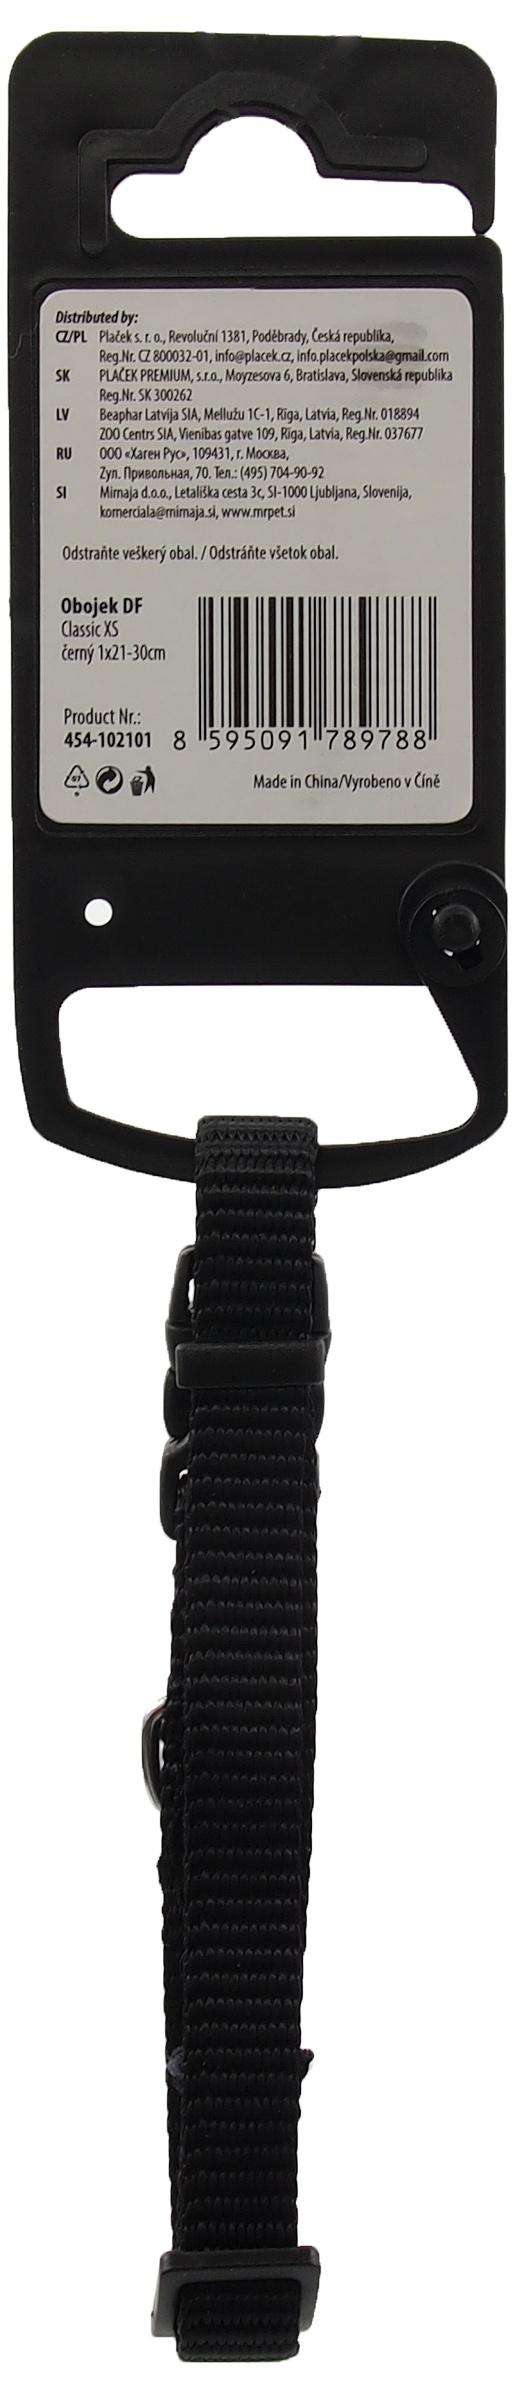 Ошейник - Dog Fantasy XS, 1 см, 21-30 см, цвет – черный